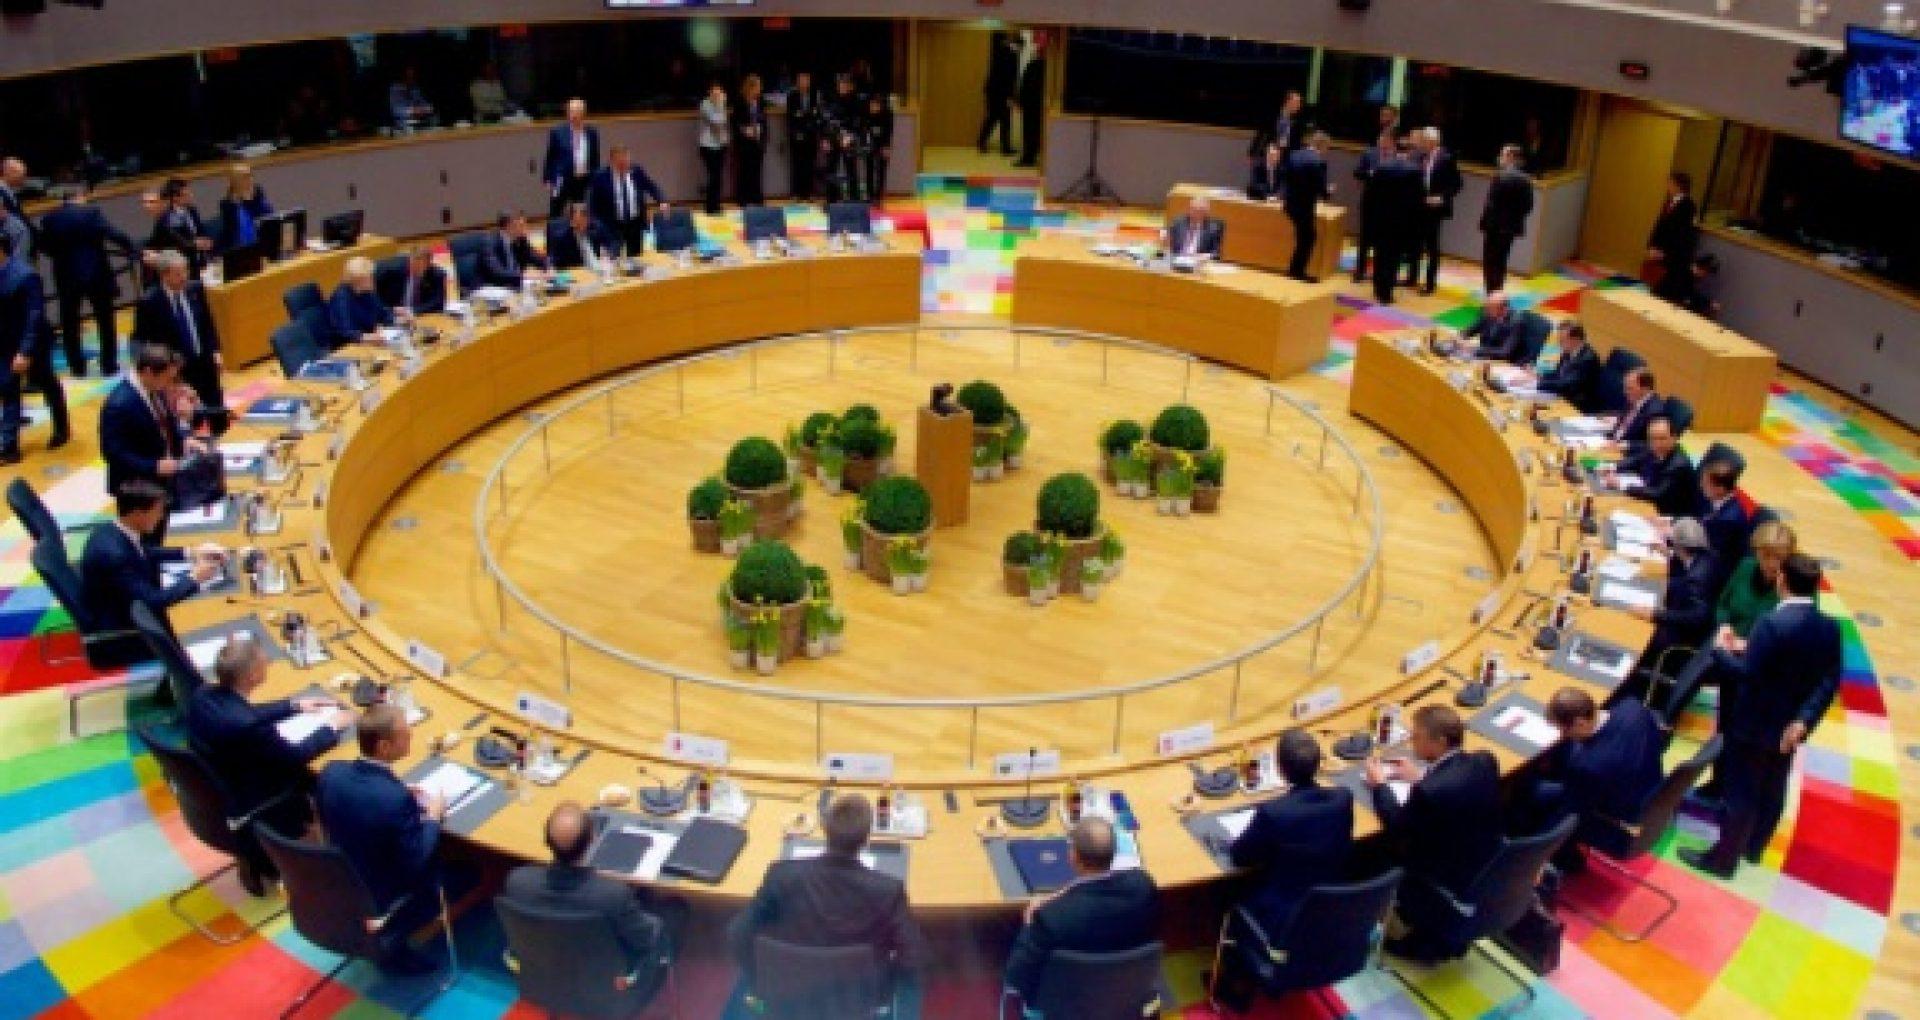 Centrul European de Prevenire și Control al Bolilor și amenințările transfrontaliere la adresa sănătății: Consiliul convine asupra unei poziții de negociere